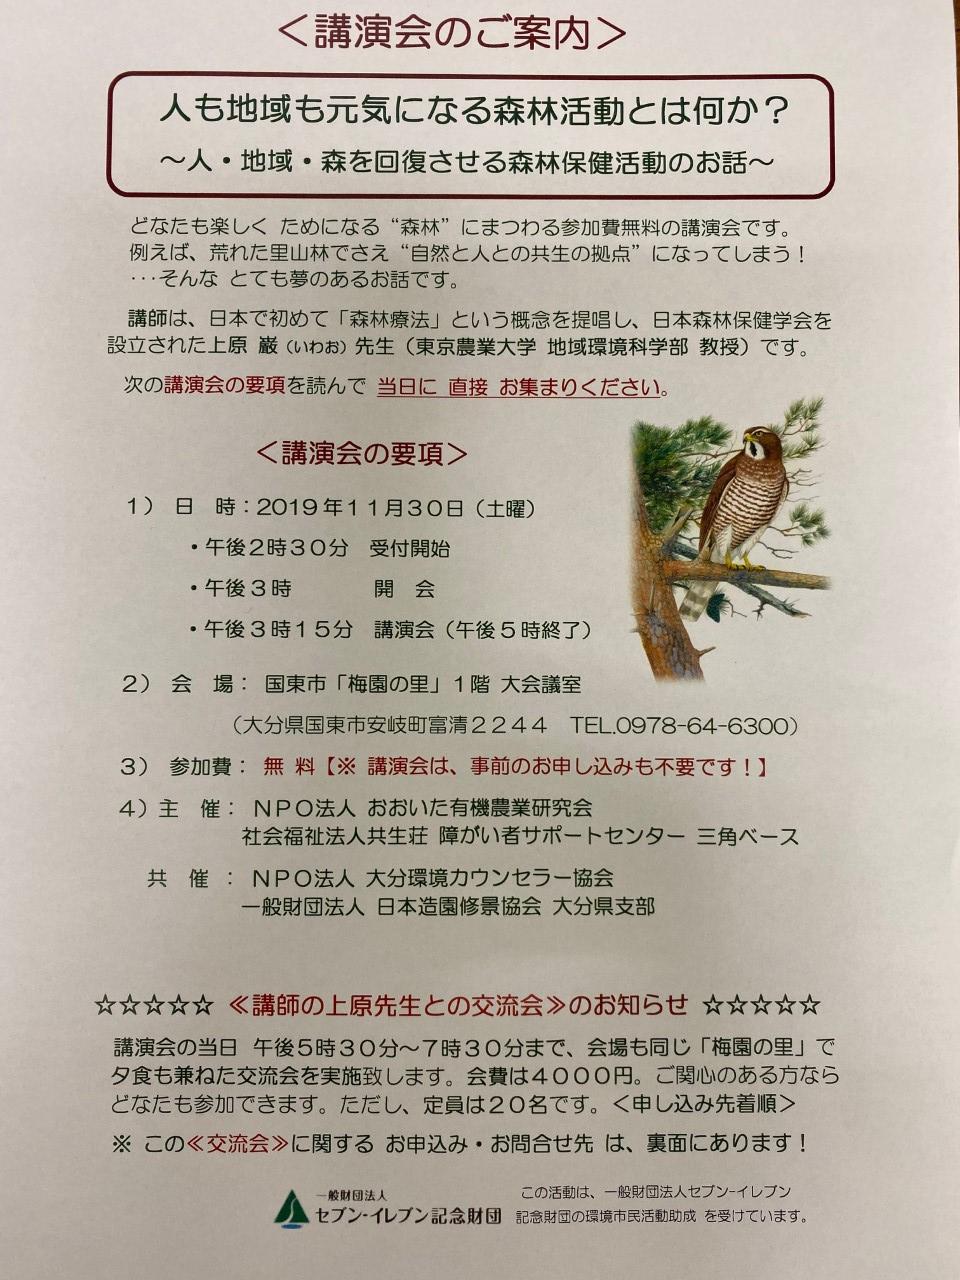 森林保健活動 講演会のお知らせ